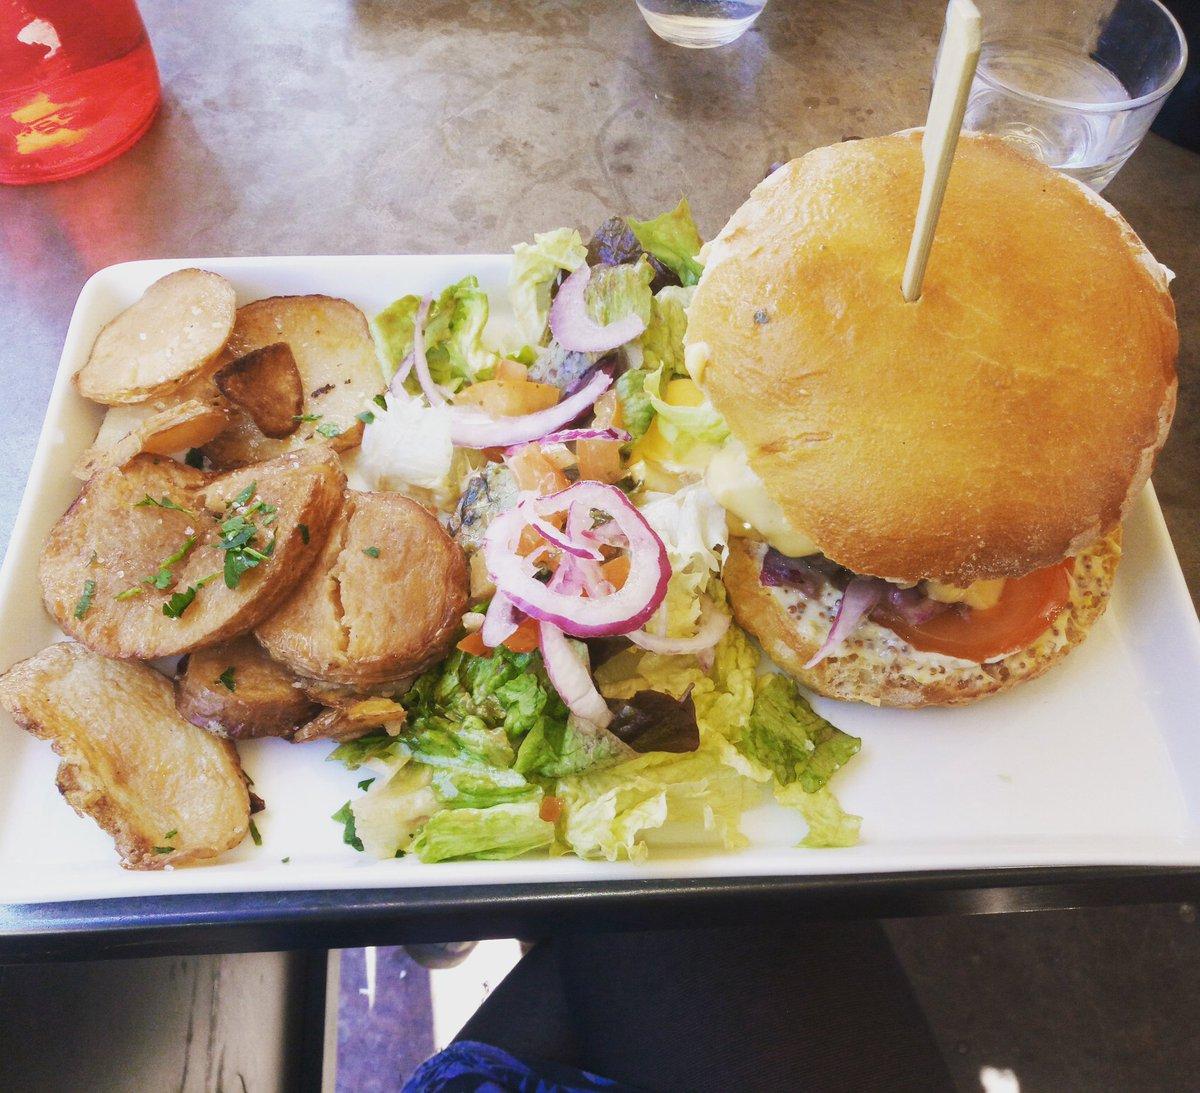 Quel délice #lecomptoiralaune #toulouse #food #epicurienne #fblogger <br>http://pic.twitter.com/TSPuYSILxE